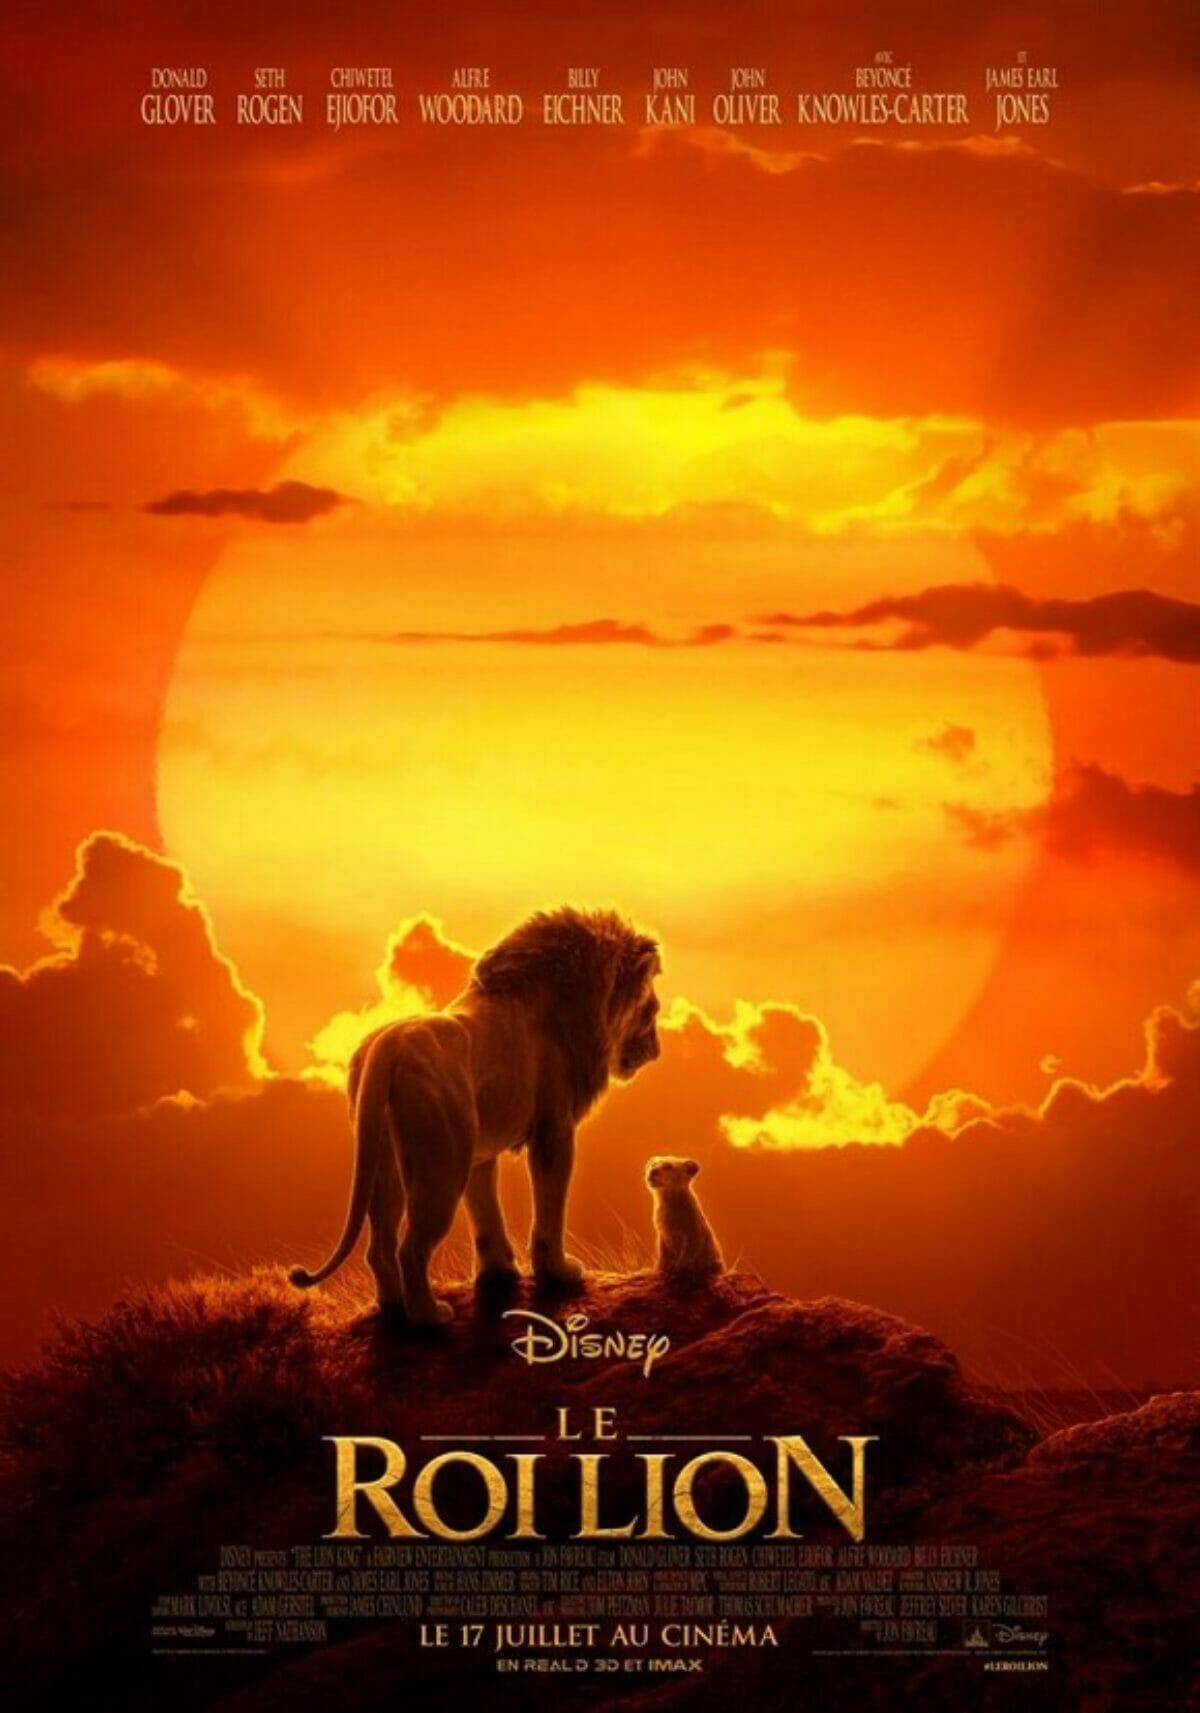 Le-Roi-Lion-poster